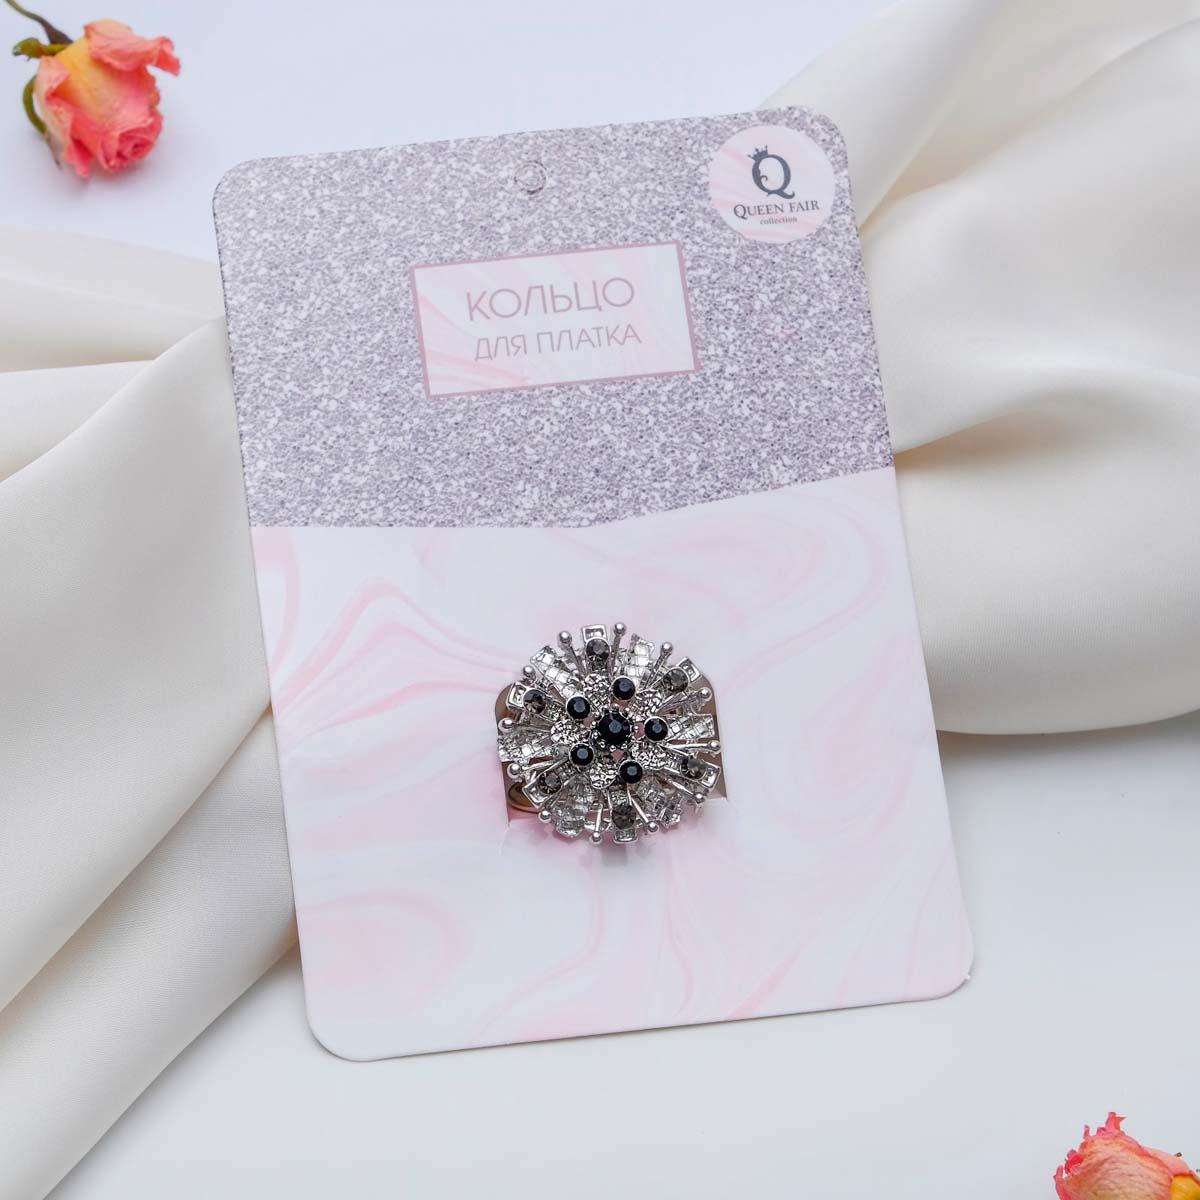 3924735 Кольцо для платка 'Искра', цвет серо-черный в серебре